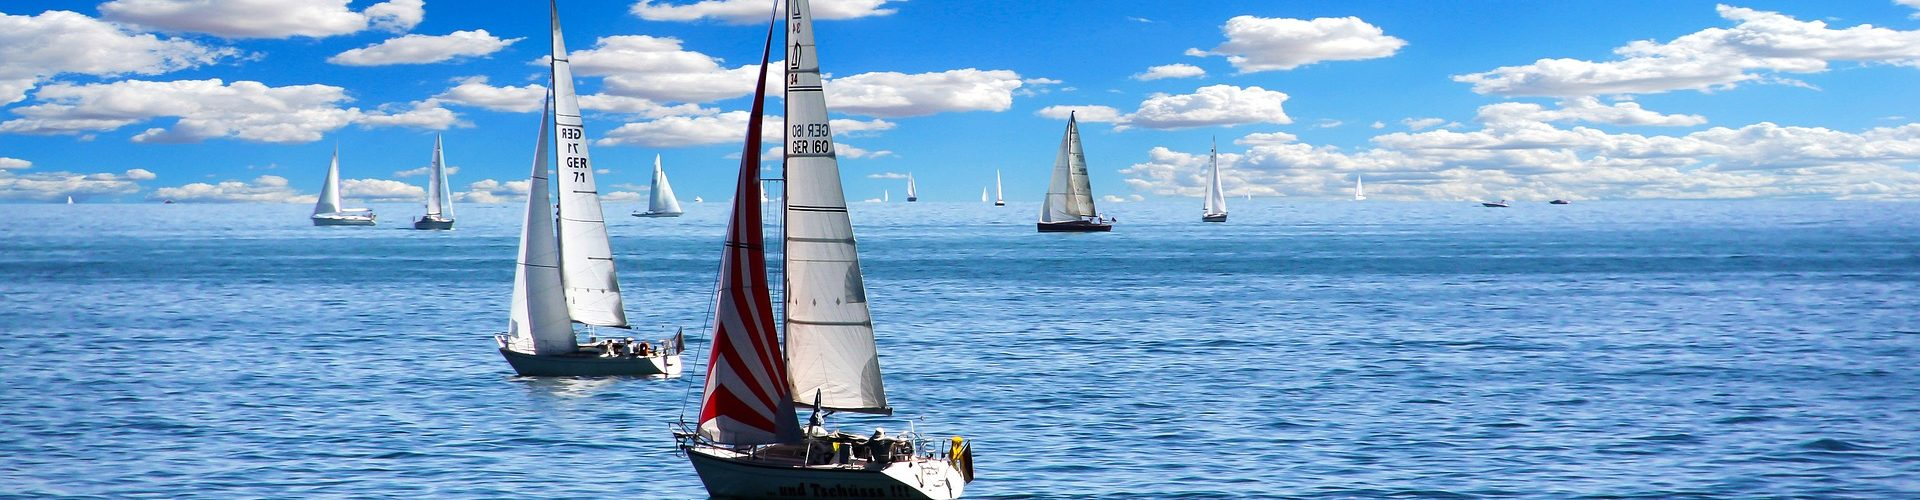 segeln lernen in Euskirchen segelschein machen in Euskirchen 1920x500 - Segeln lernen in Euskirchen